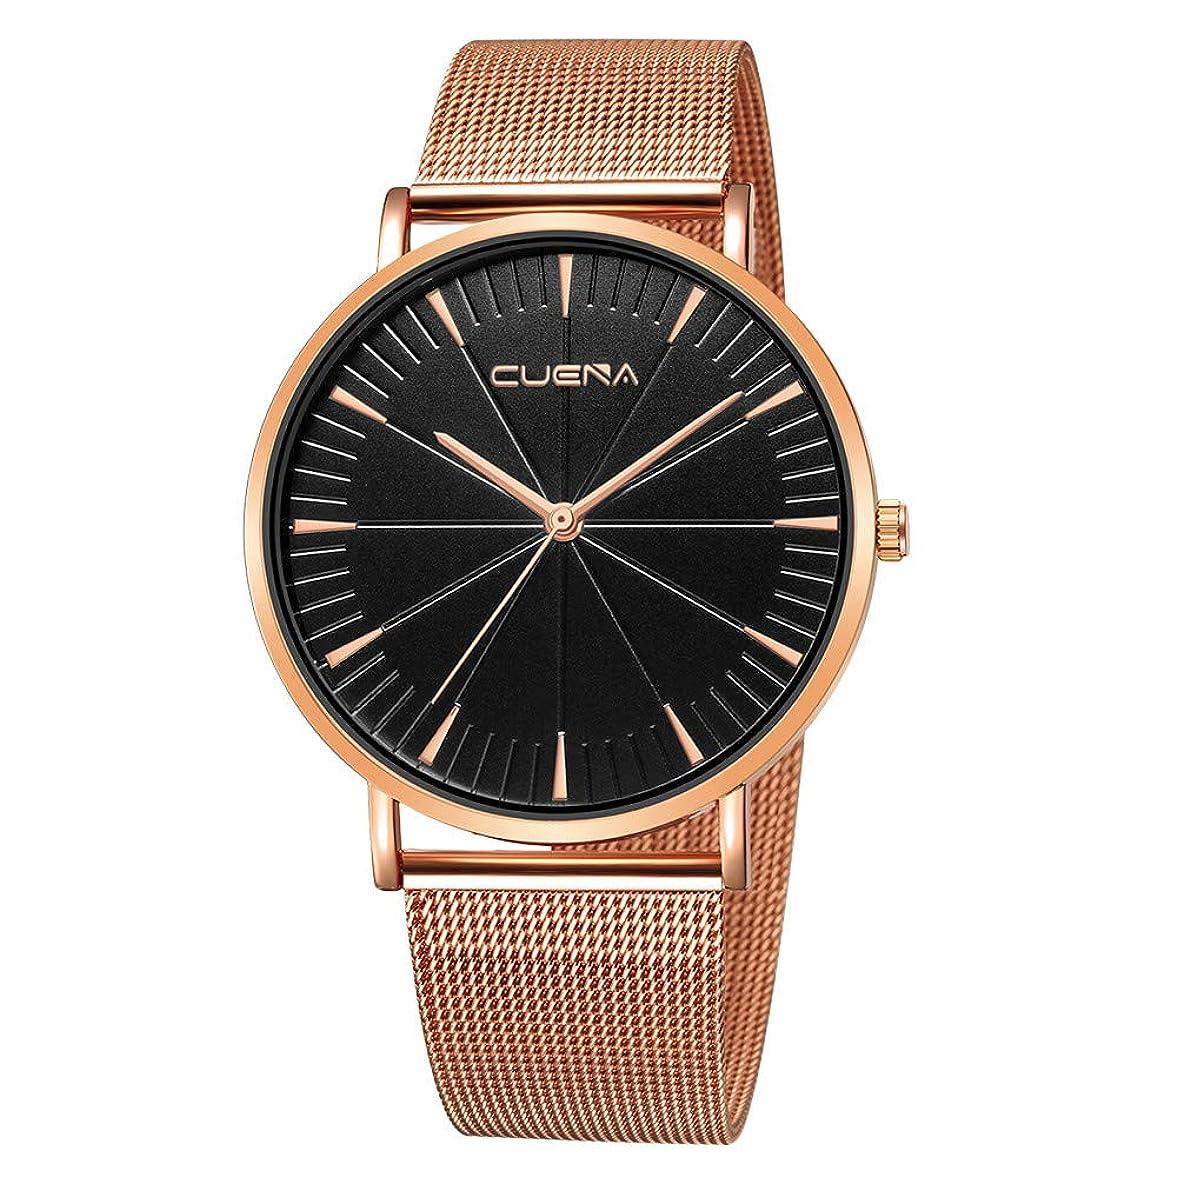 順応性未就学コンパクトRencaifeinimo2019年最新 紳士用 超薄型 男女兼用 多機能 腕時計 人気 平日 ファッション メンズファッションミリタリーステンレススチールアナログスポーツクォーツビジネス腕時計